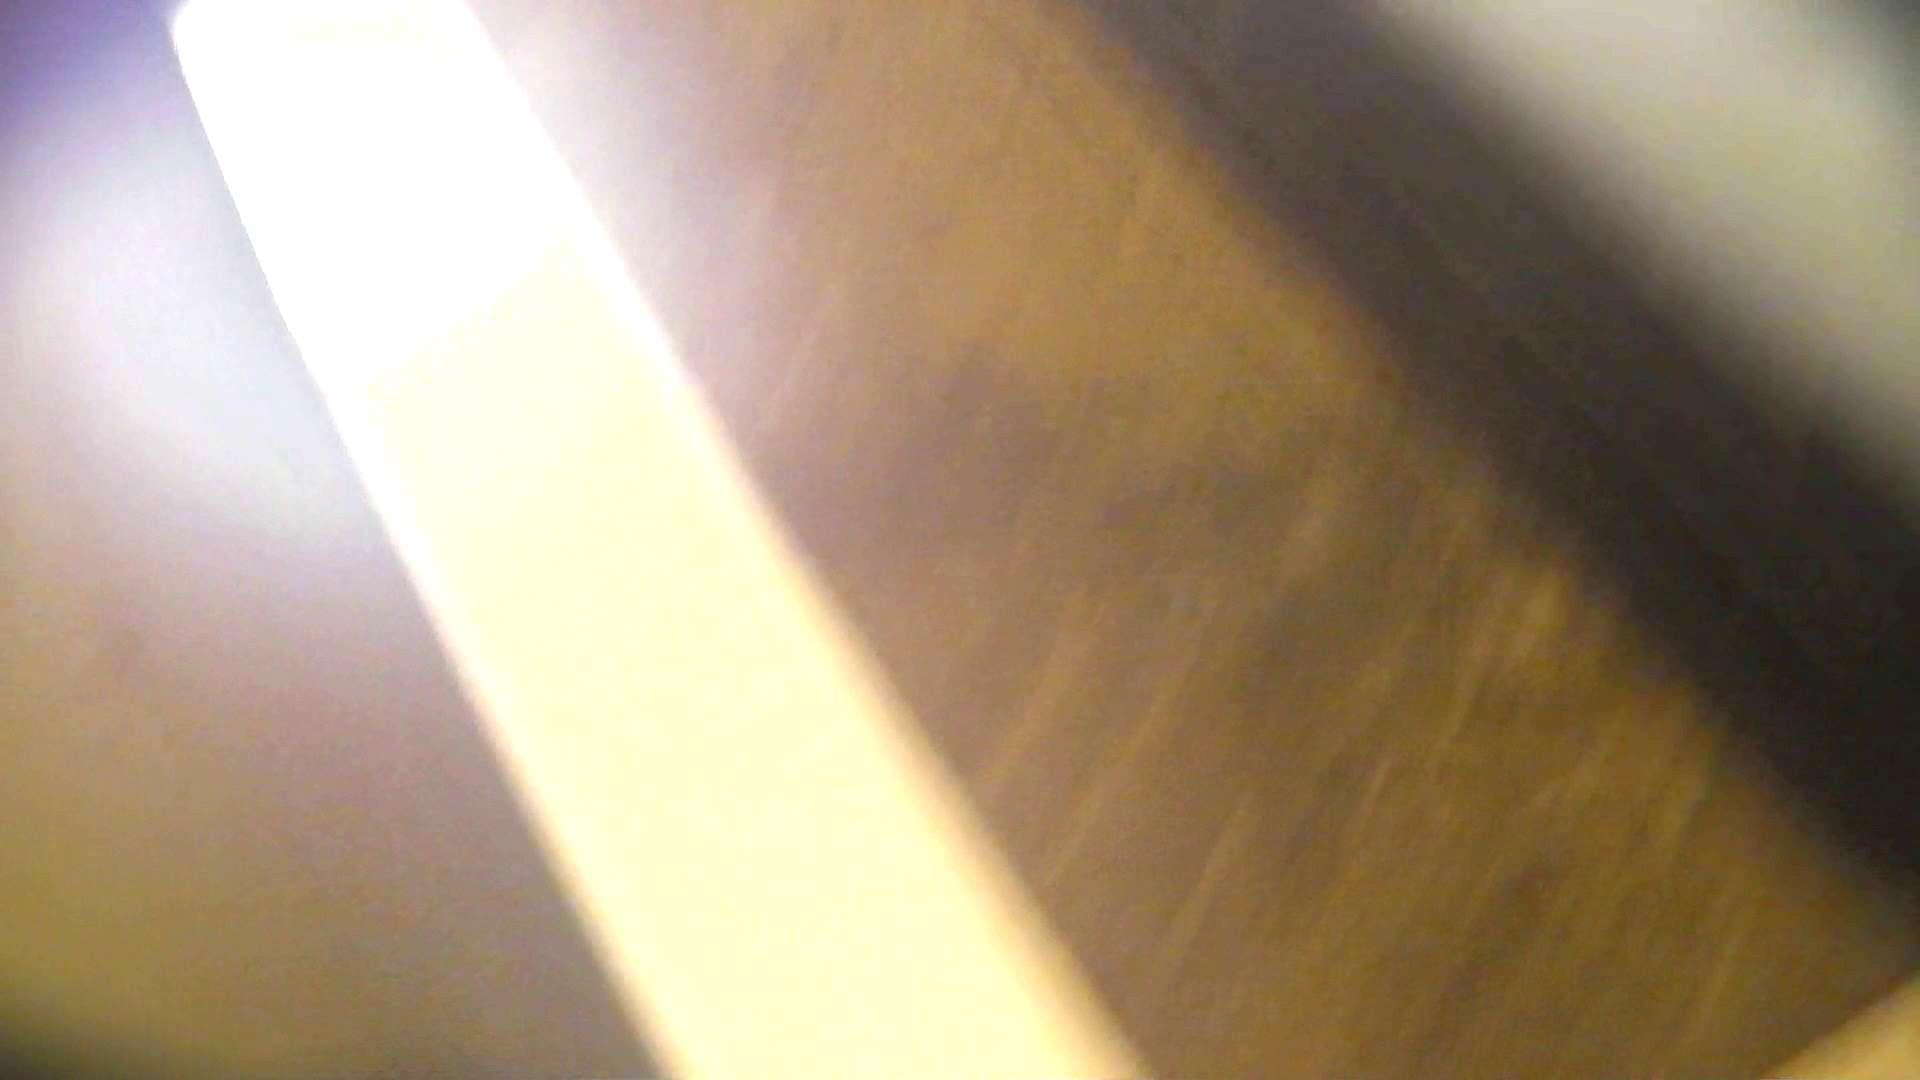 阿国ちゃんの「和式洋式七変化」No.12 お姉さん攻略 すけべAV動画紹介 99画像 10